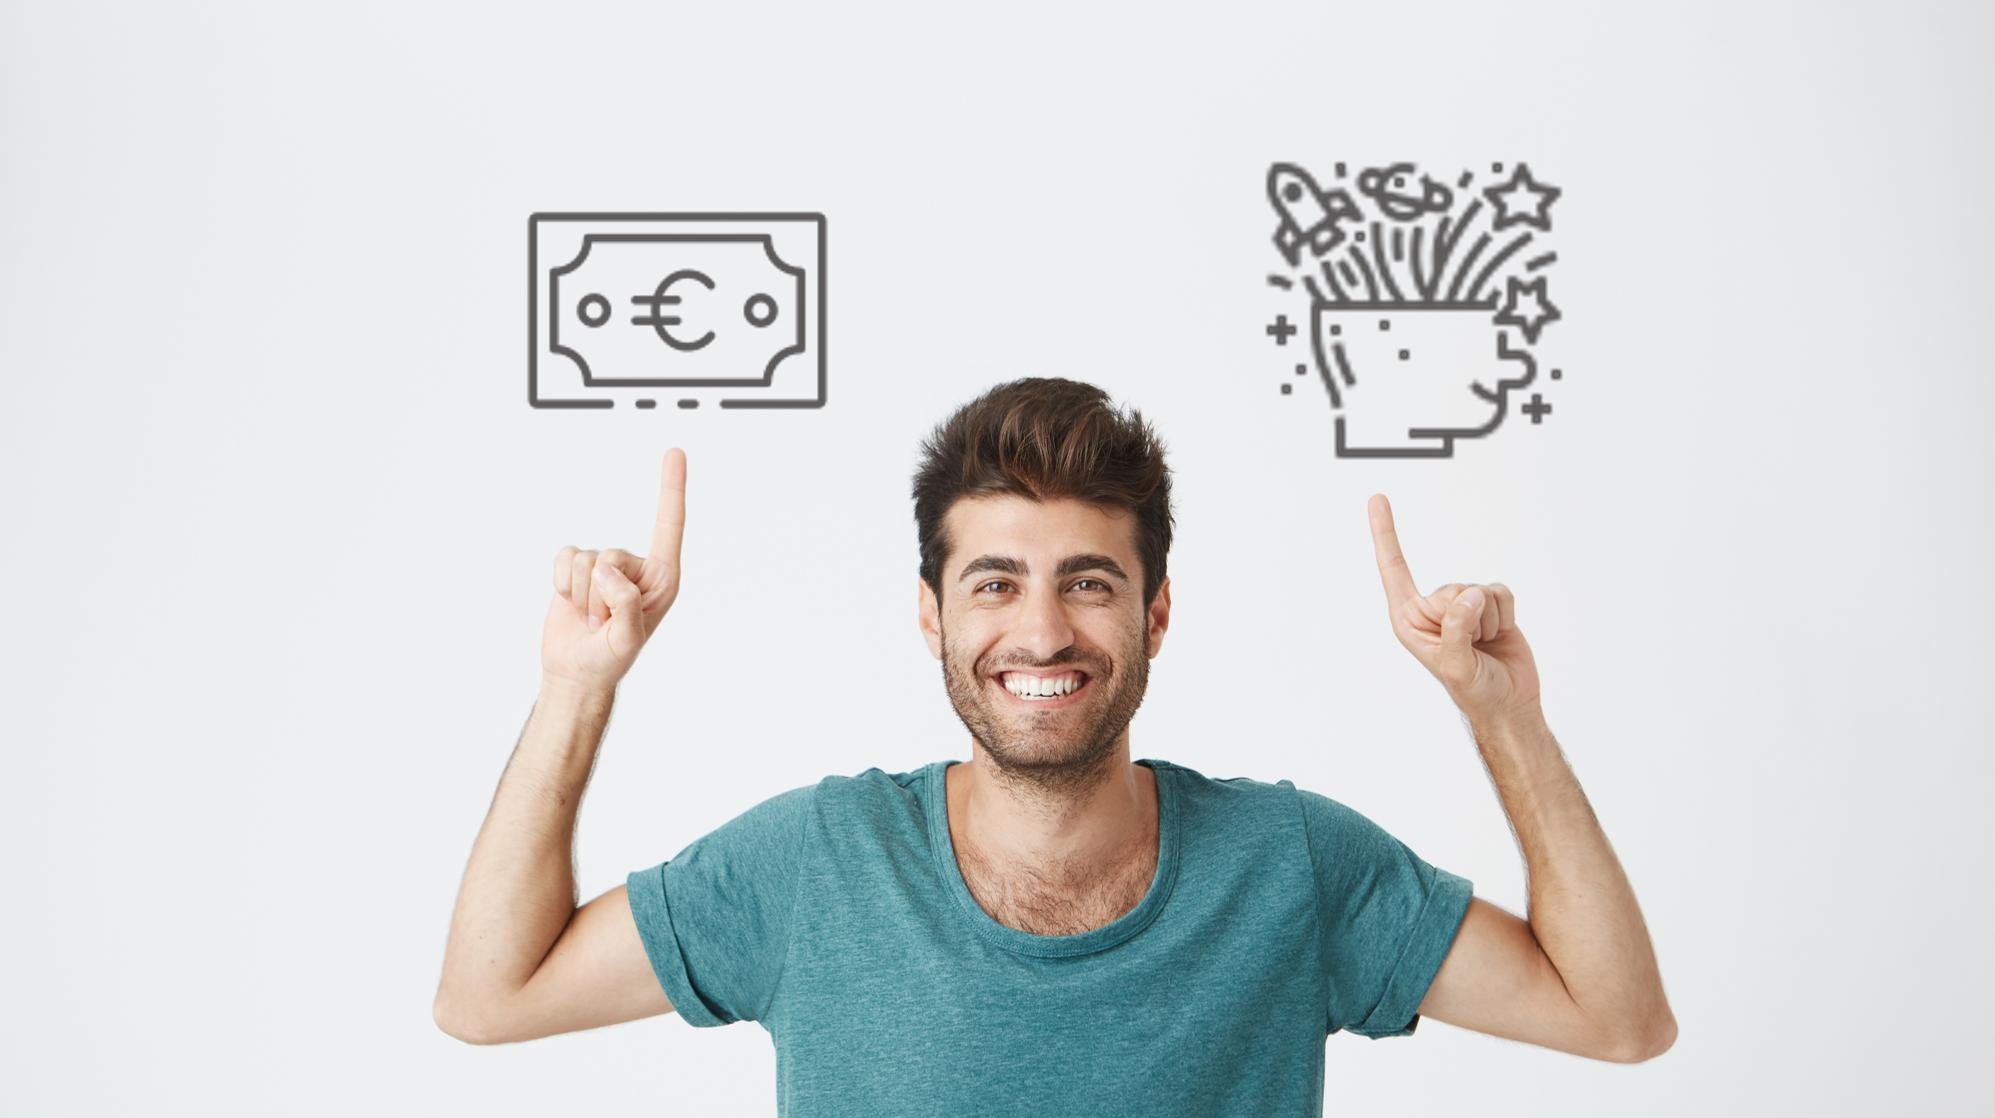 Salario emocional: ¿se puede gestionar con tecnología?